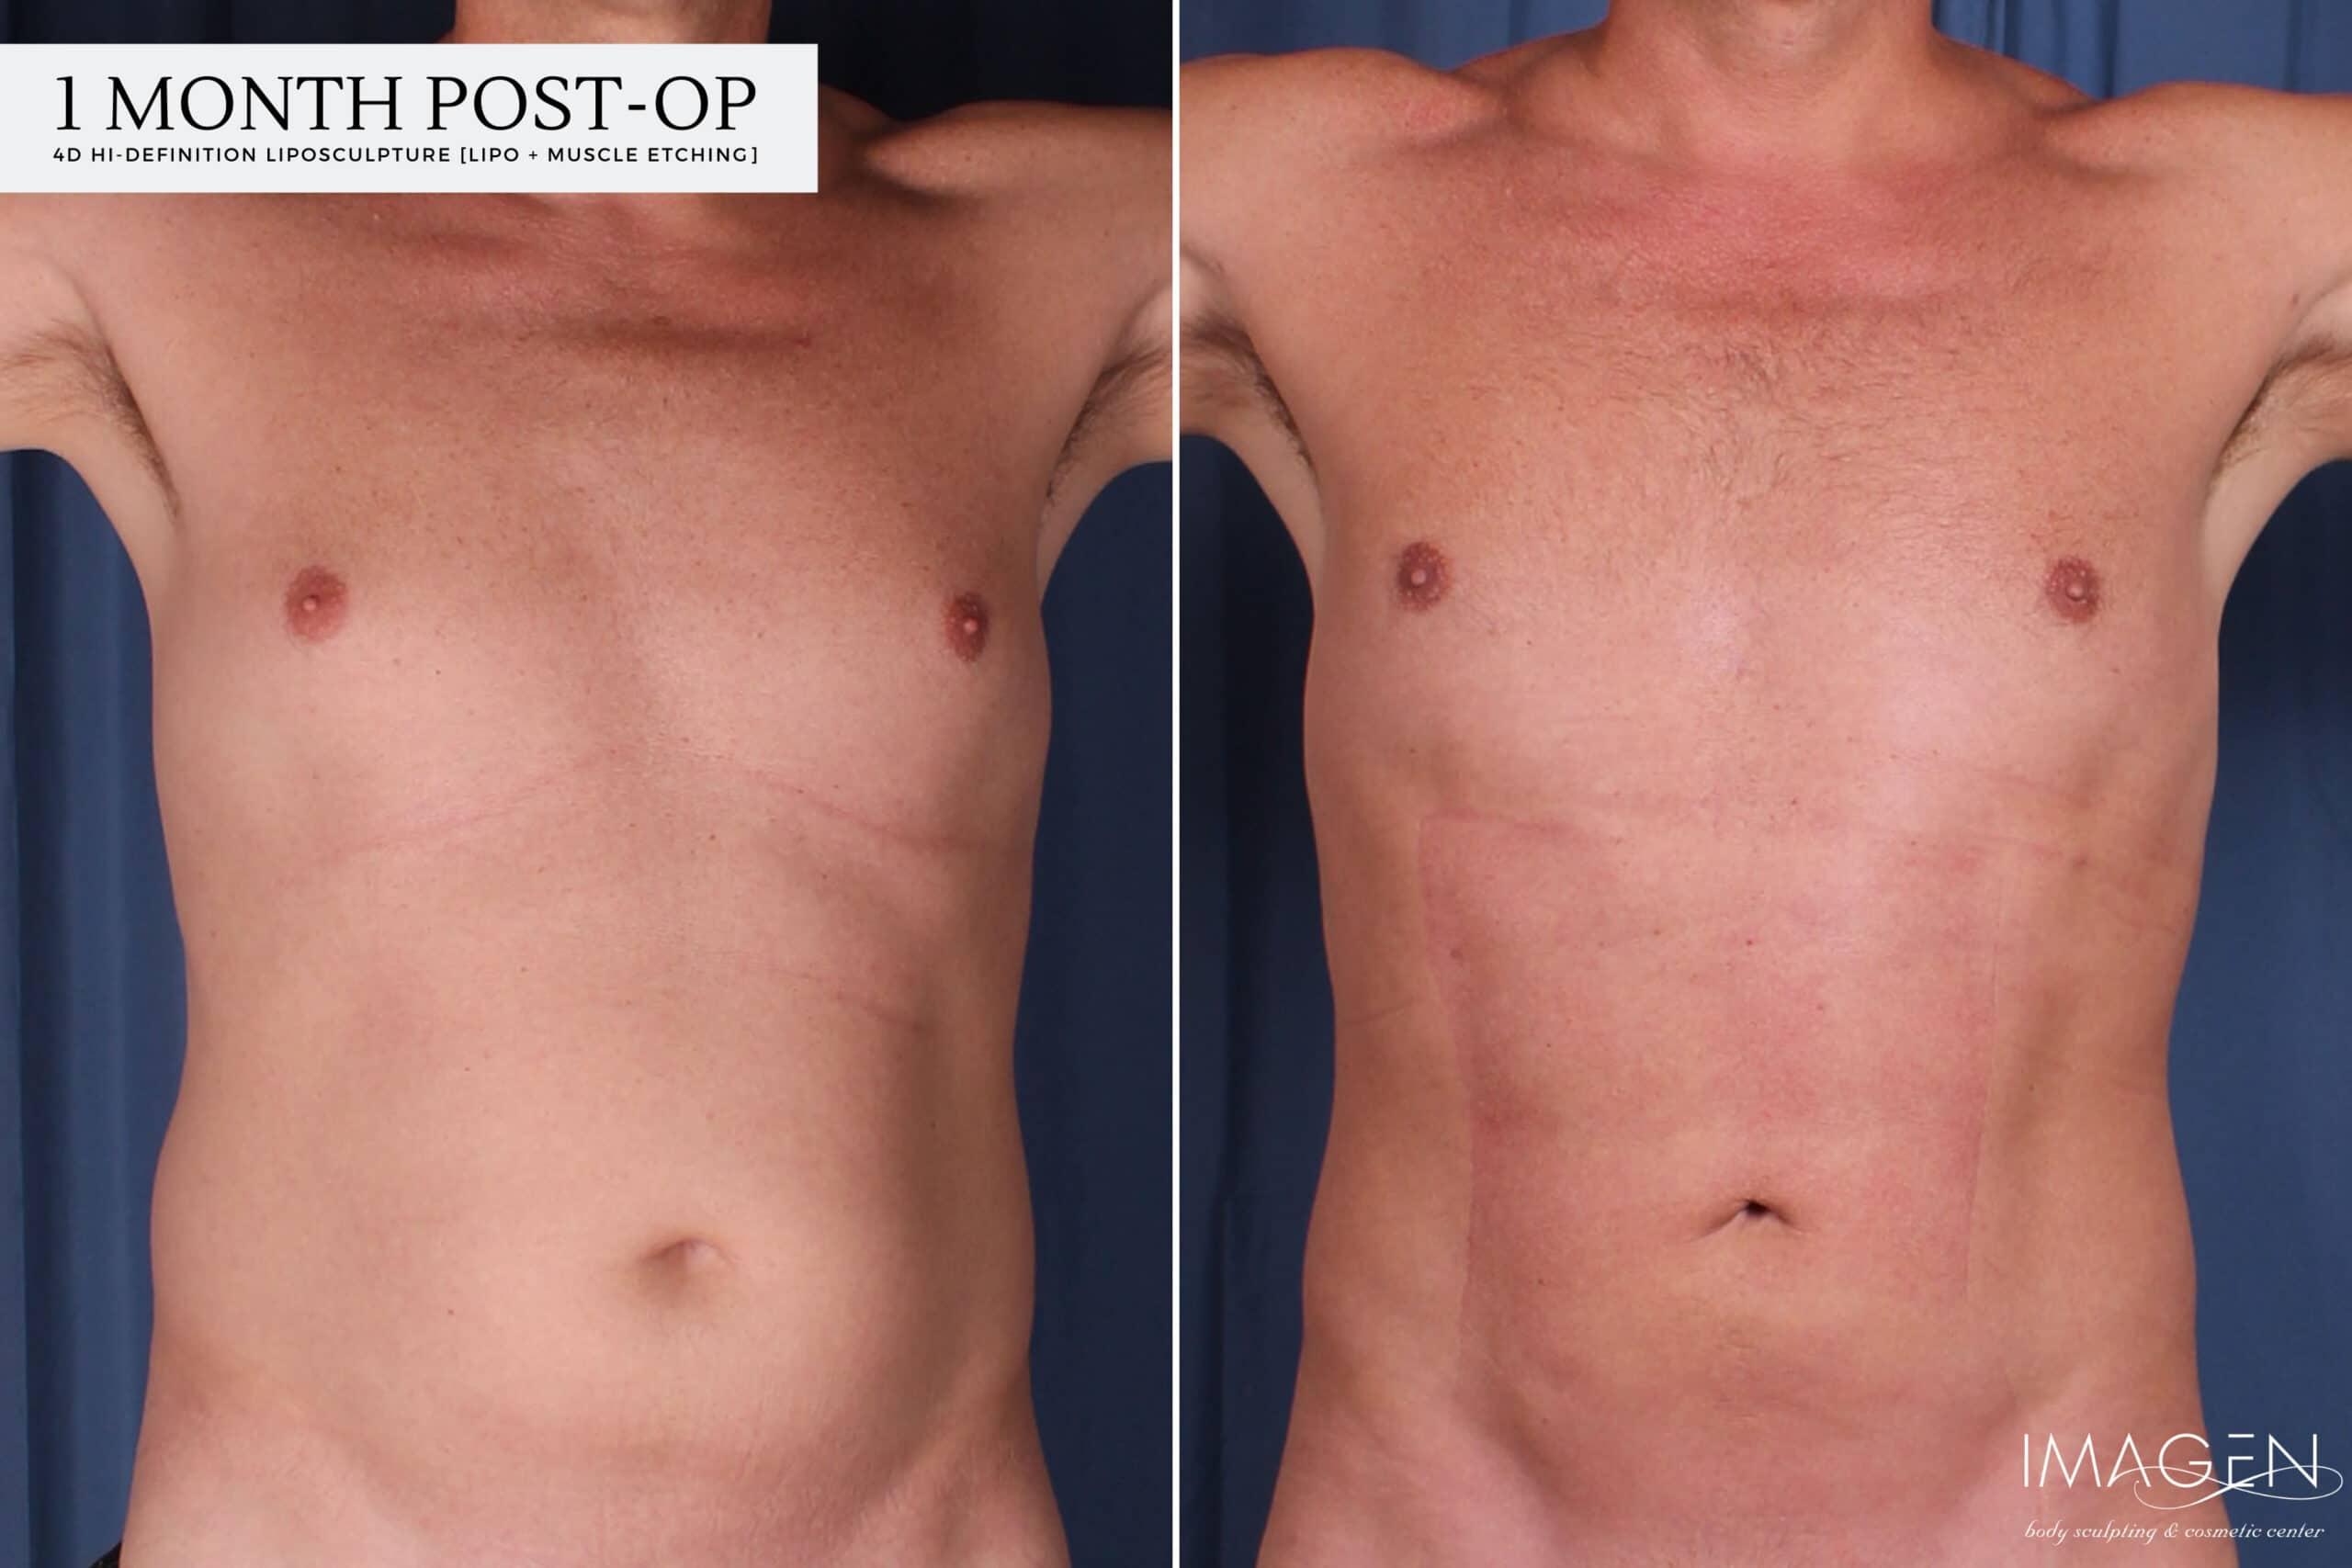 4D Hi-Definition Liposuction